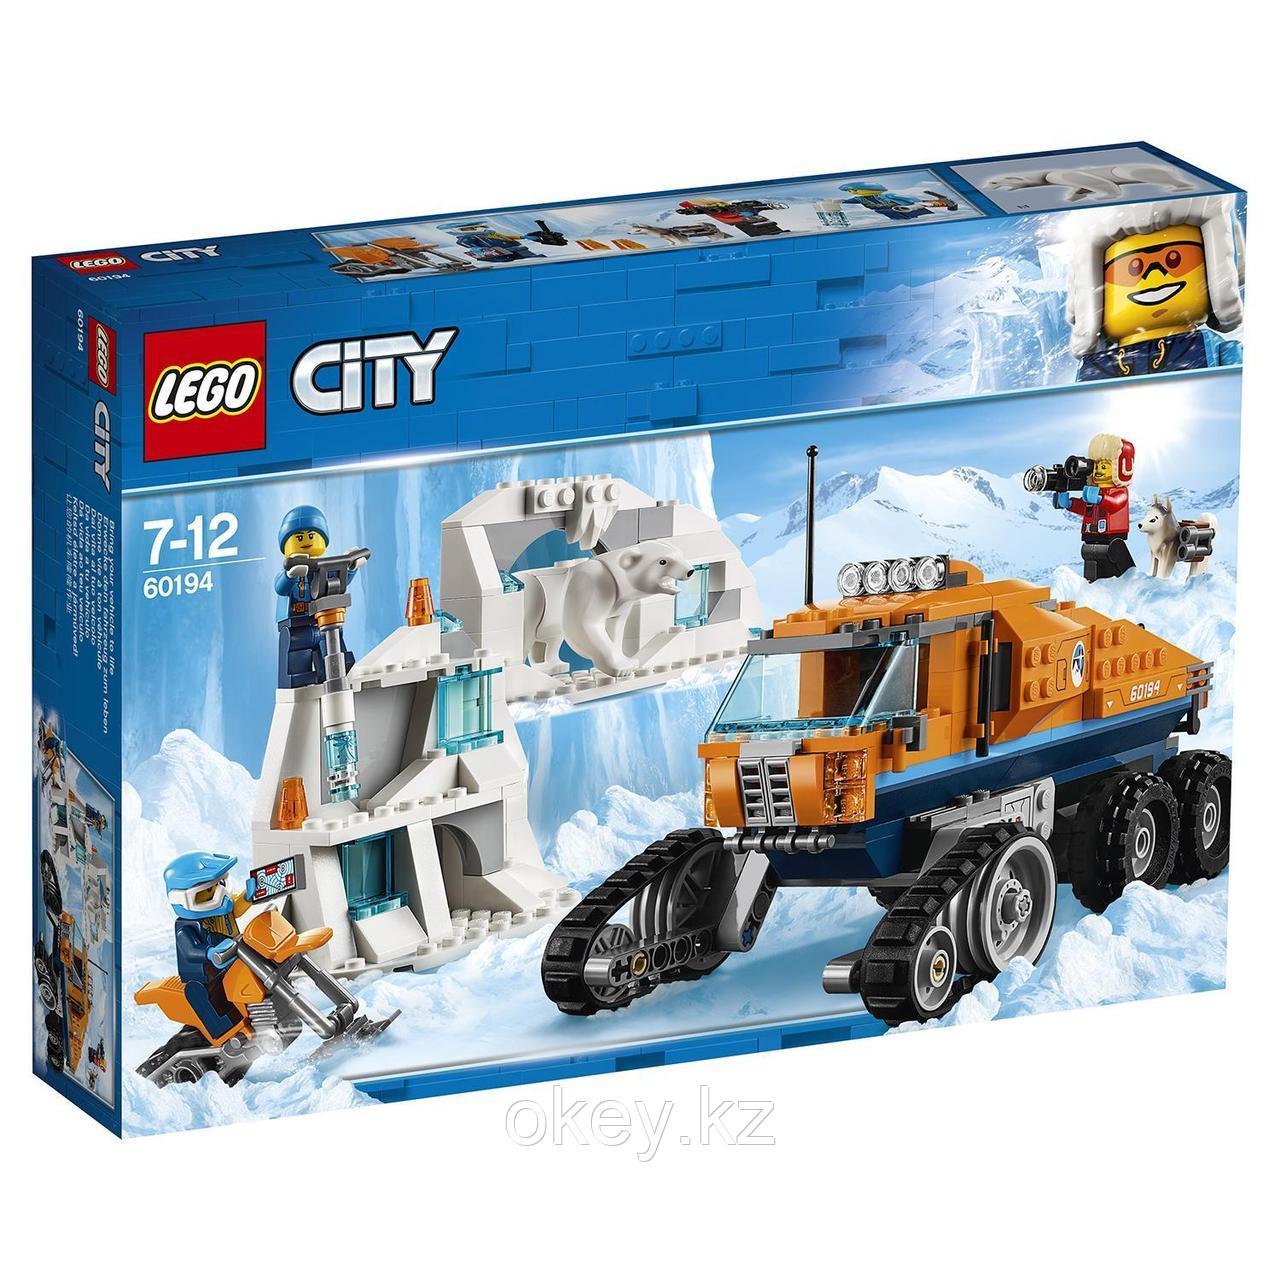 LEGO City: Арктическая экспедиция: Грузовик ледовой разведки 60194